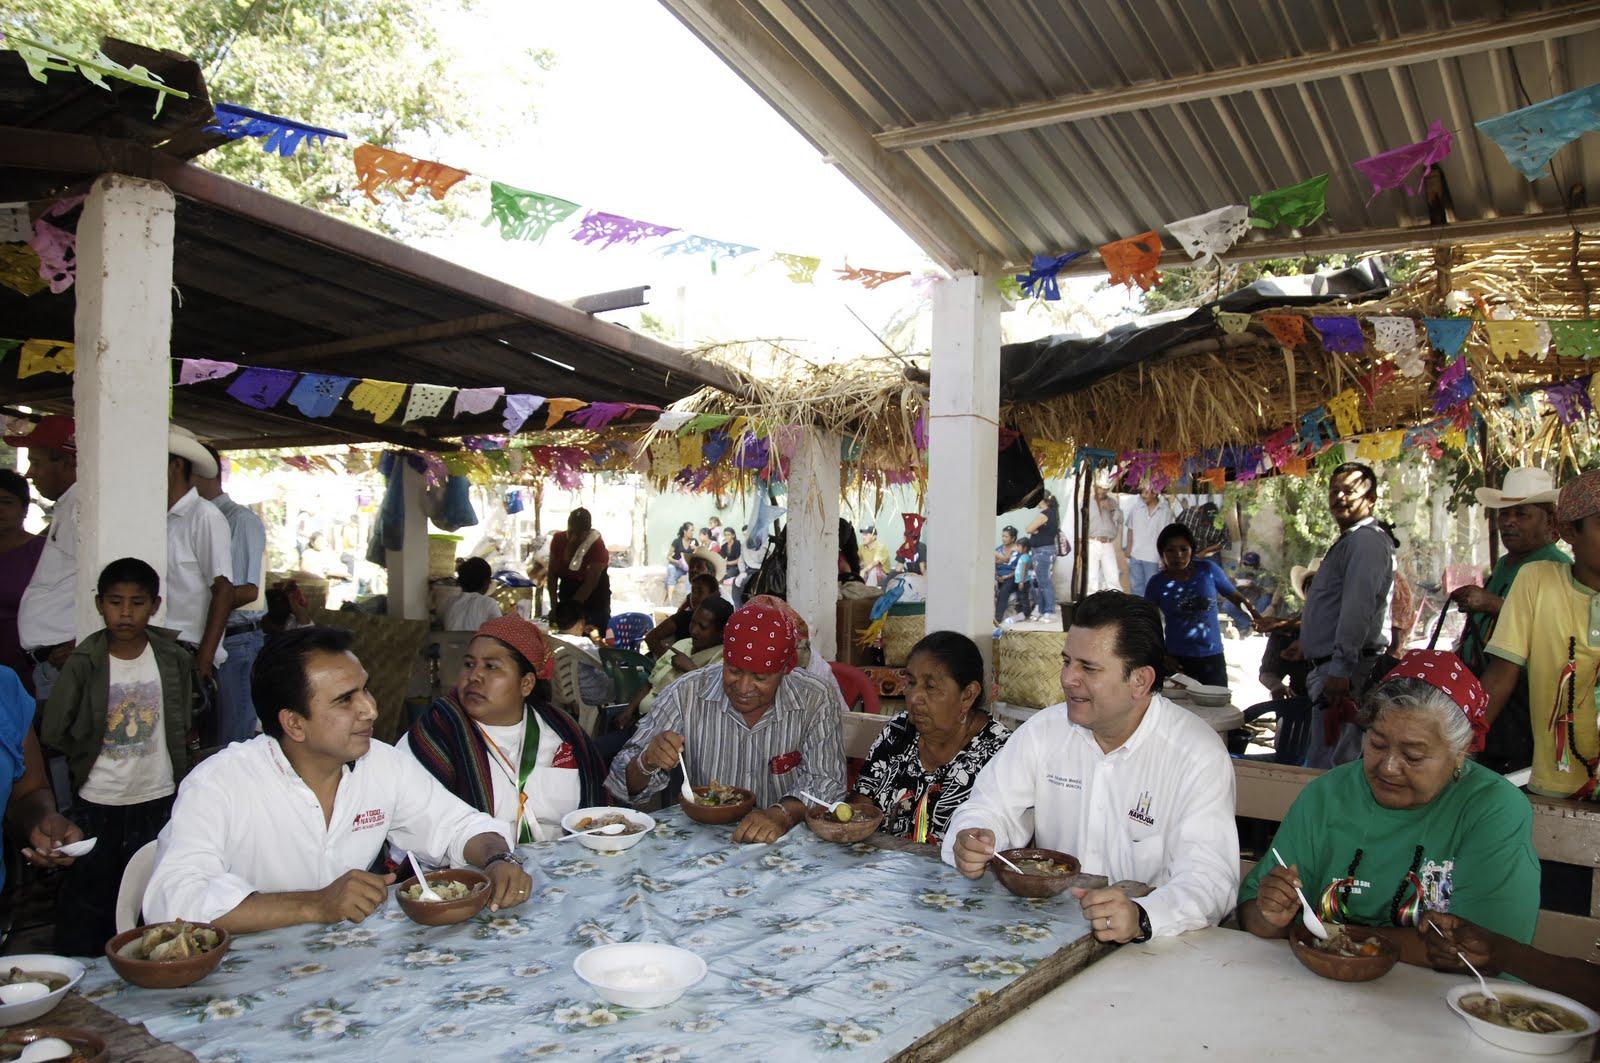 http://3.bp.blogspot.com/-zBkrZMfexh4/TgXiOSNiILI/AAAAAAAADR8/FVhHWCvshWc/s1600/guacabaqui.JPG